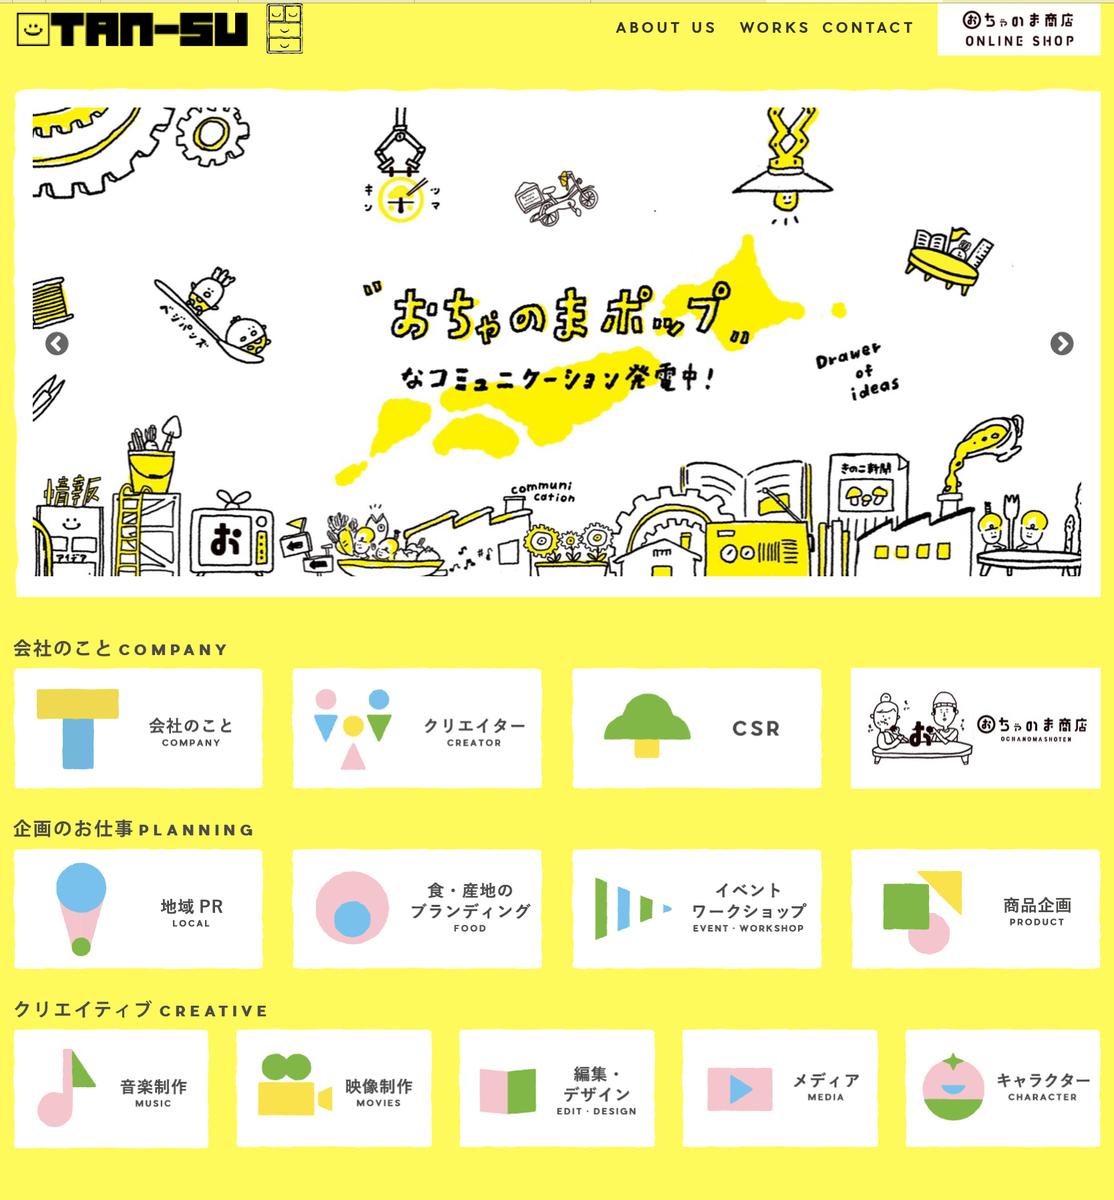 f:id:yasuyuki_yamaguchi:20210120023940j:plain